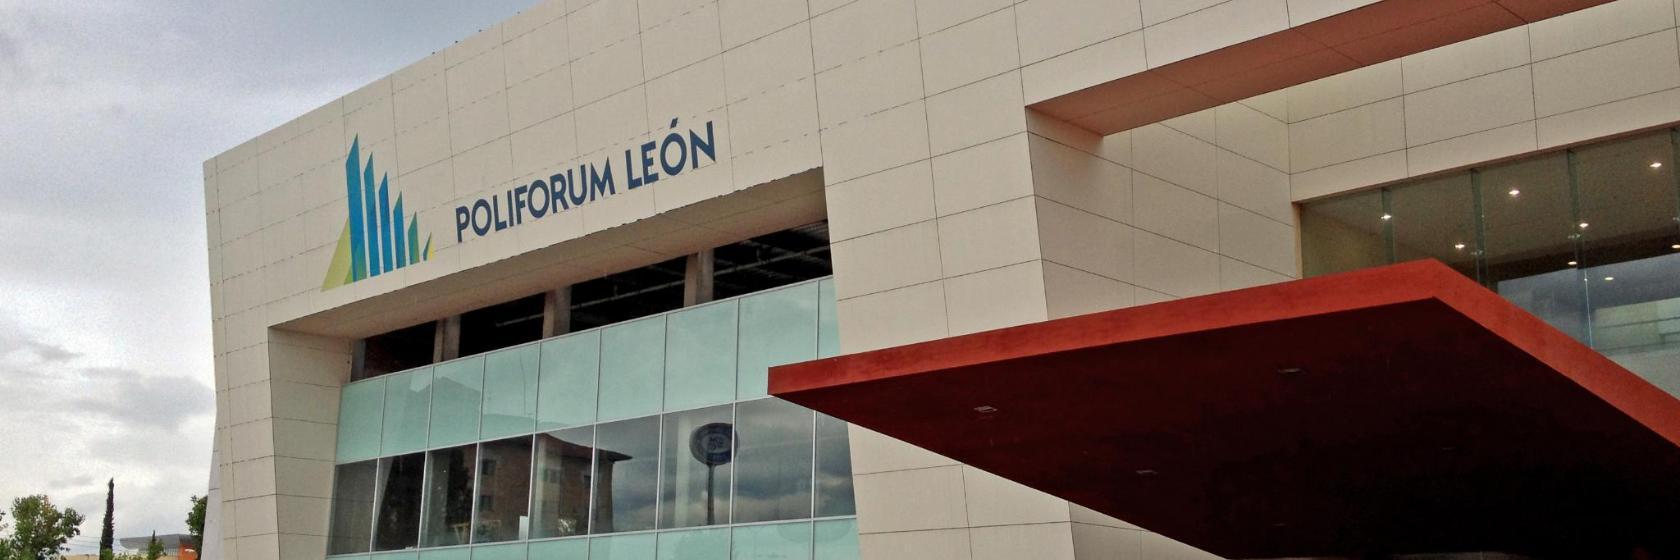 Los 10 mejores hoteles cerca de Poliforum de Leon en León ...